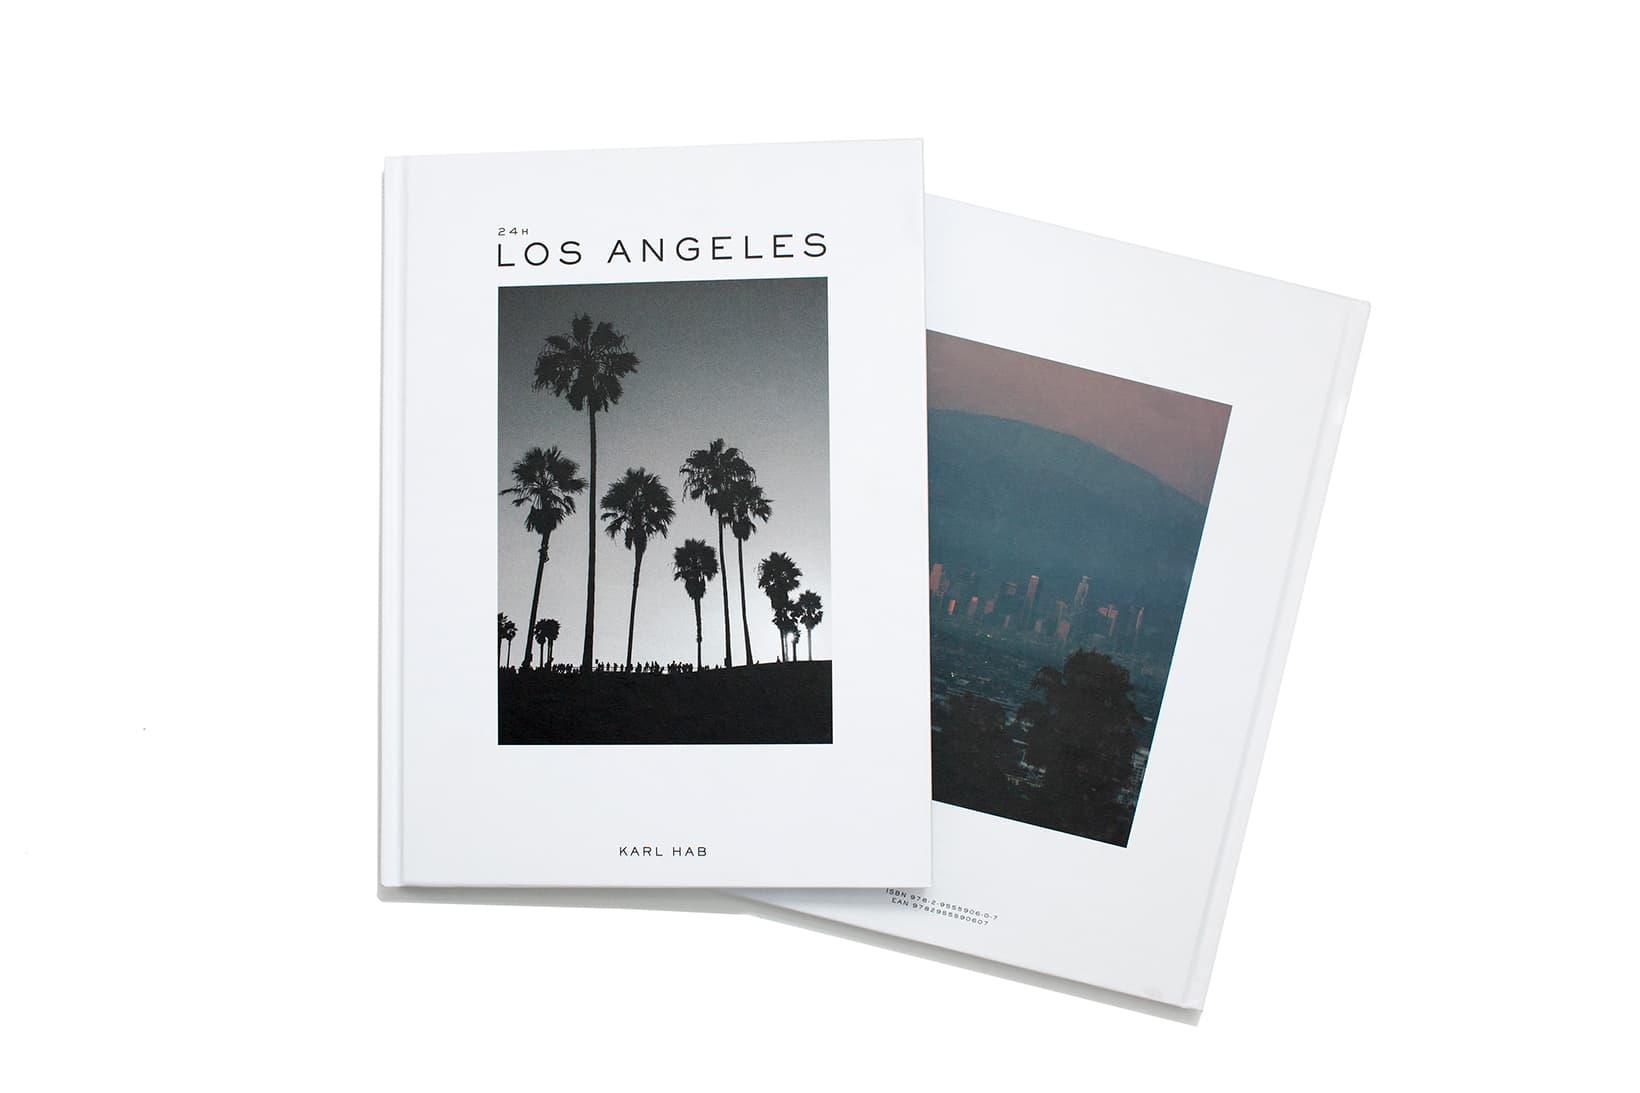 '24H LOS ANGELES' Art Book by Karl Hab